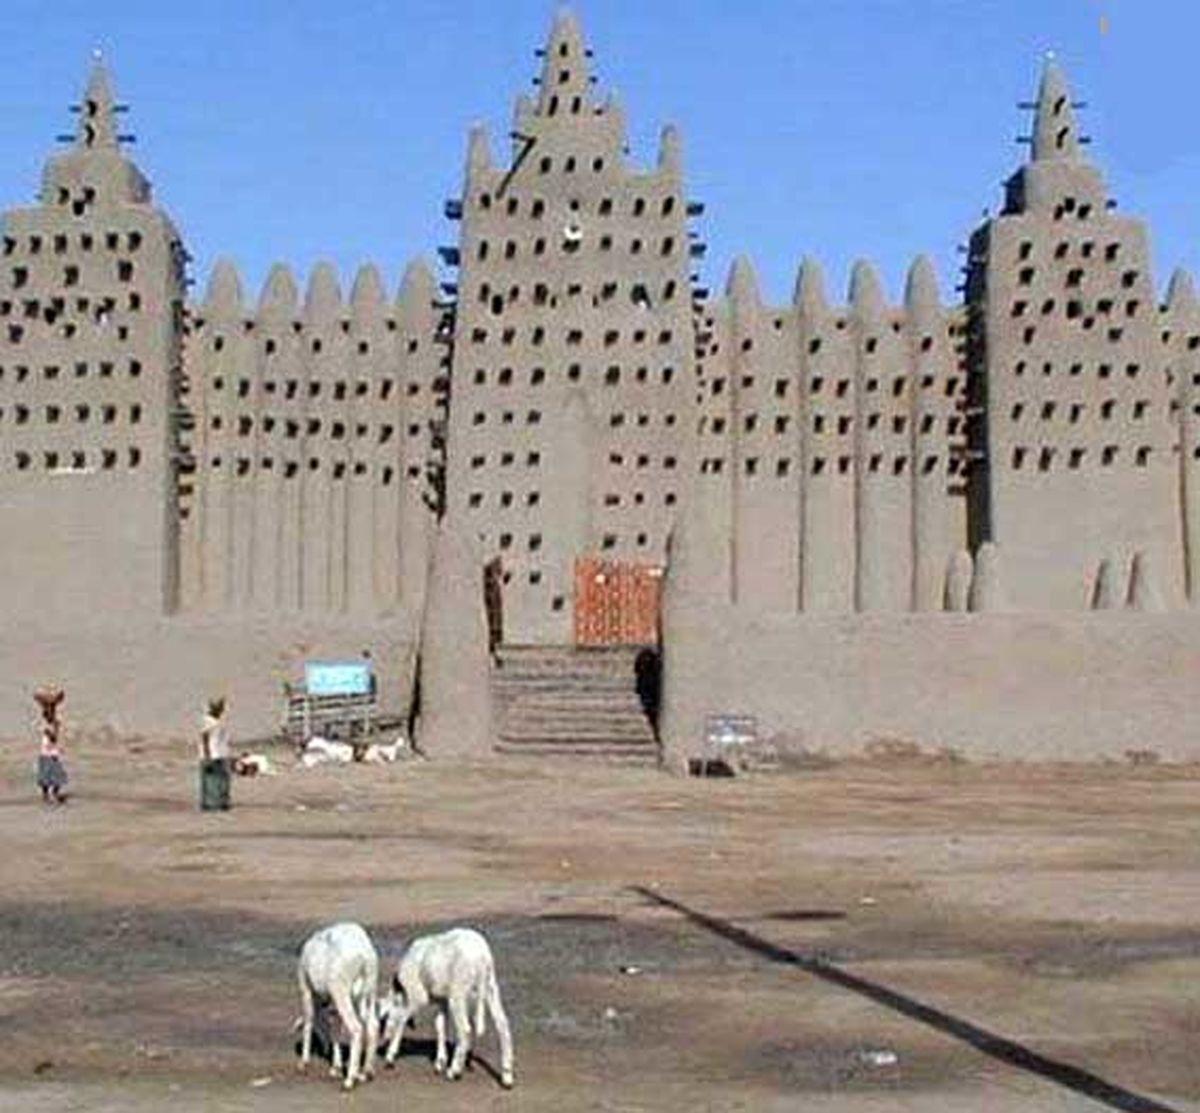 بزرگترین و عجیب ترین بنای گلی دنیا این مسجد است